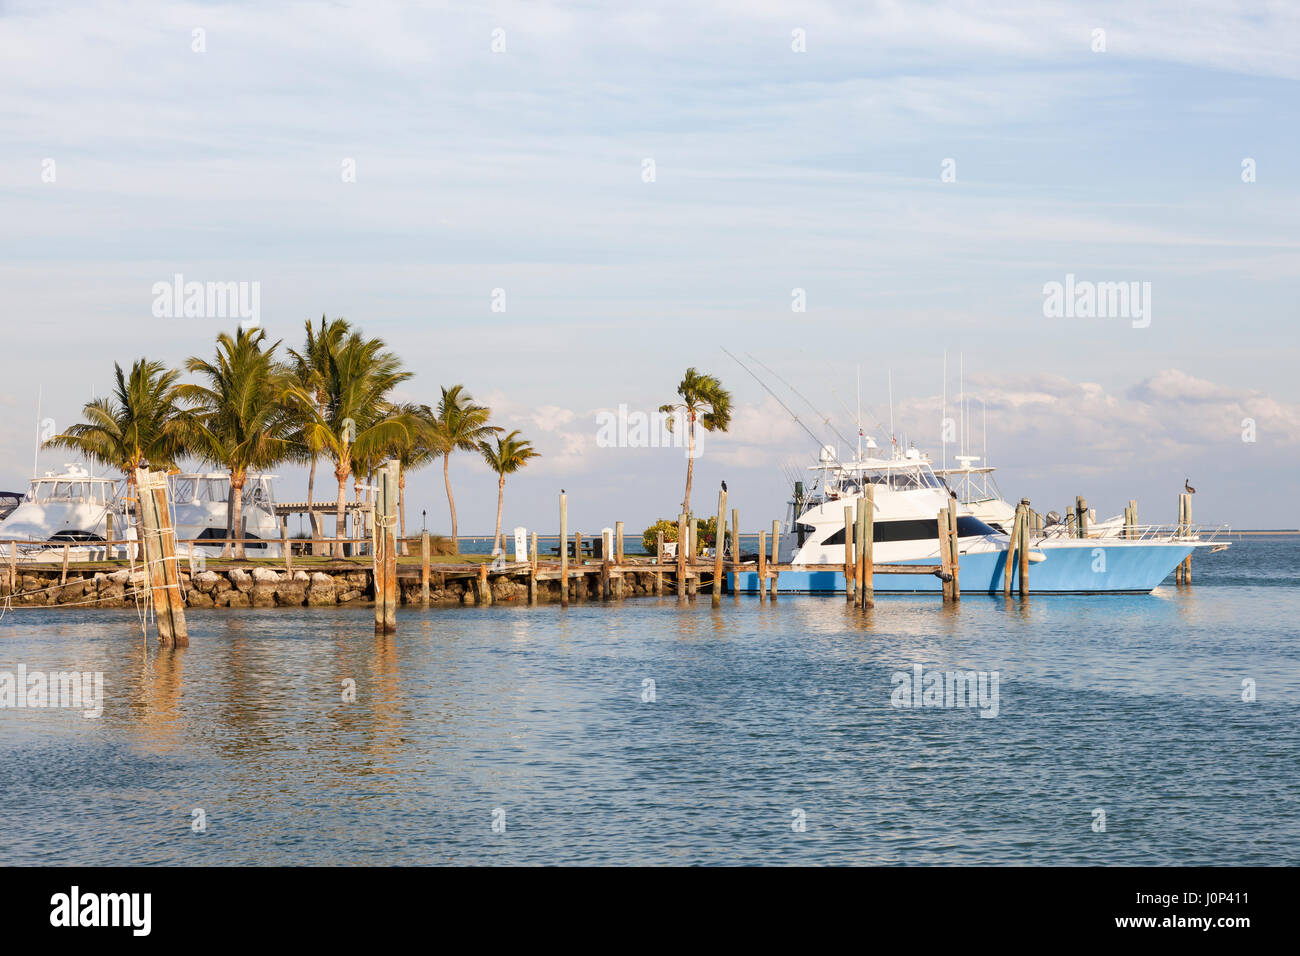 Deep sea fishing boats in a marina at the Florida Keys. Florida, United States - Stock Image